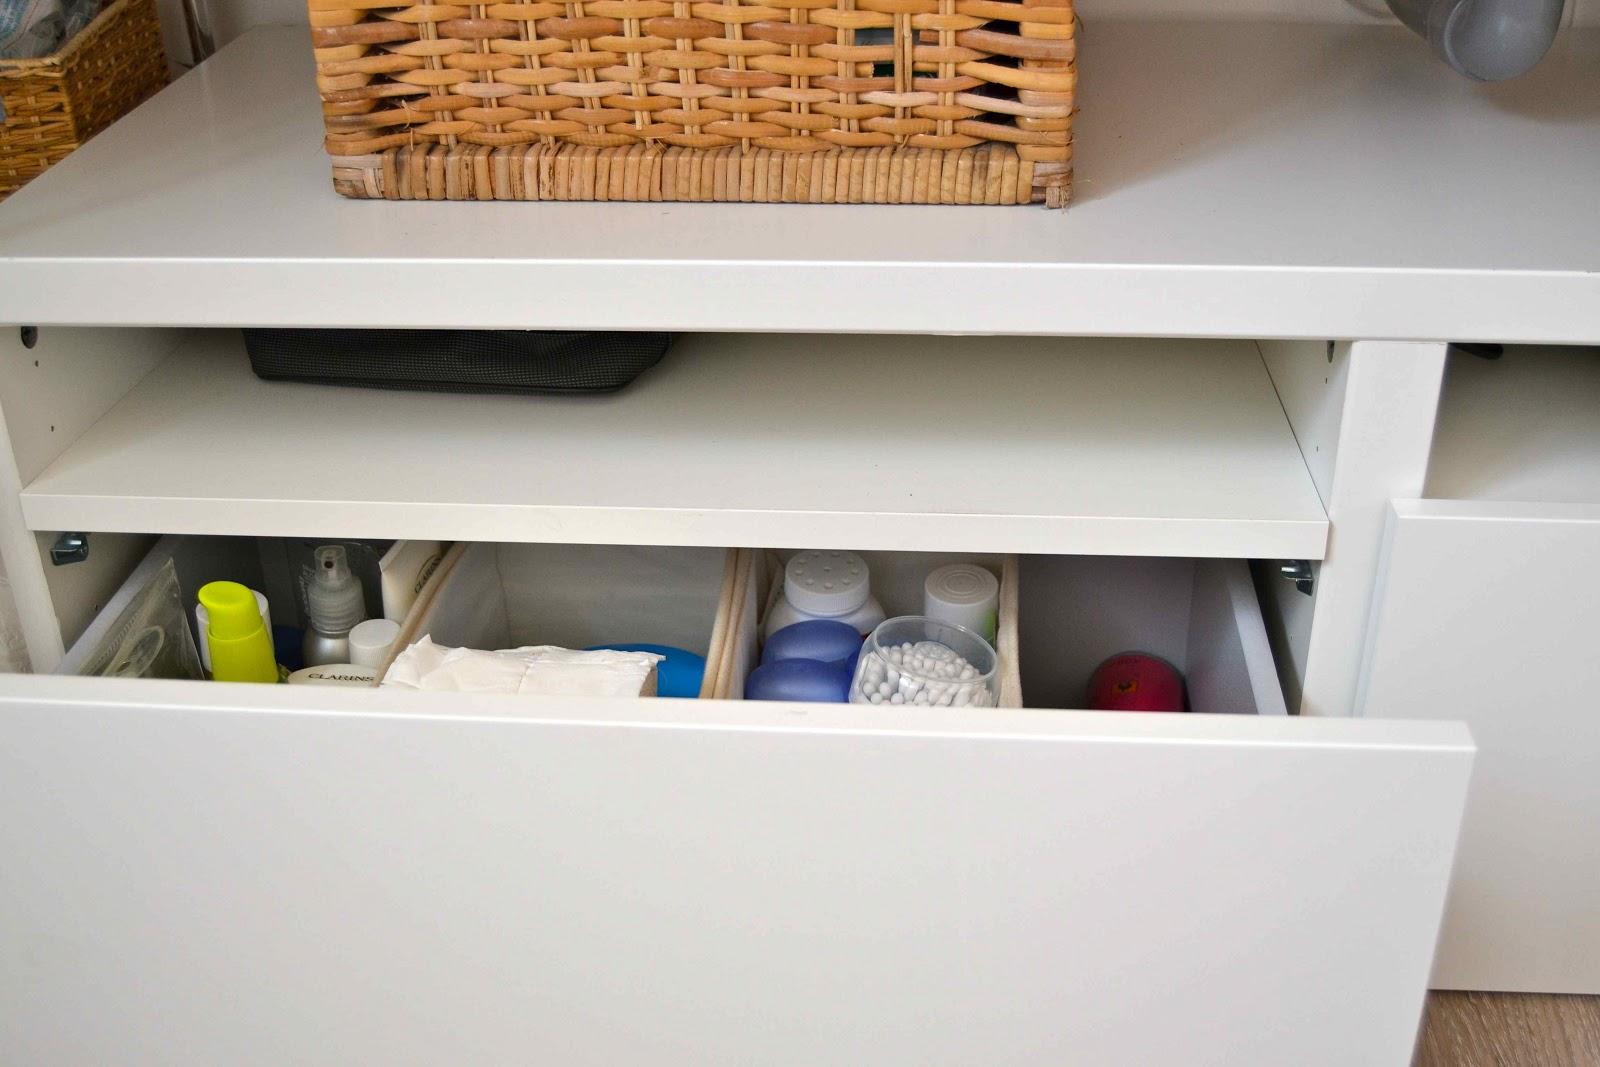 Hackear Muebles De Ikea Perfect Hackear Muebles De Ikea With  # Hackeando Muebles De Ikea